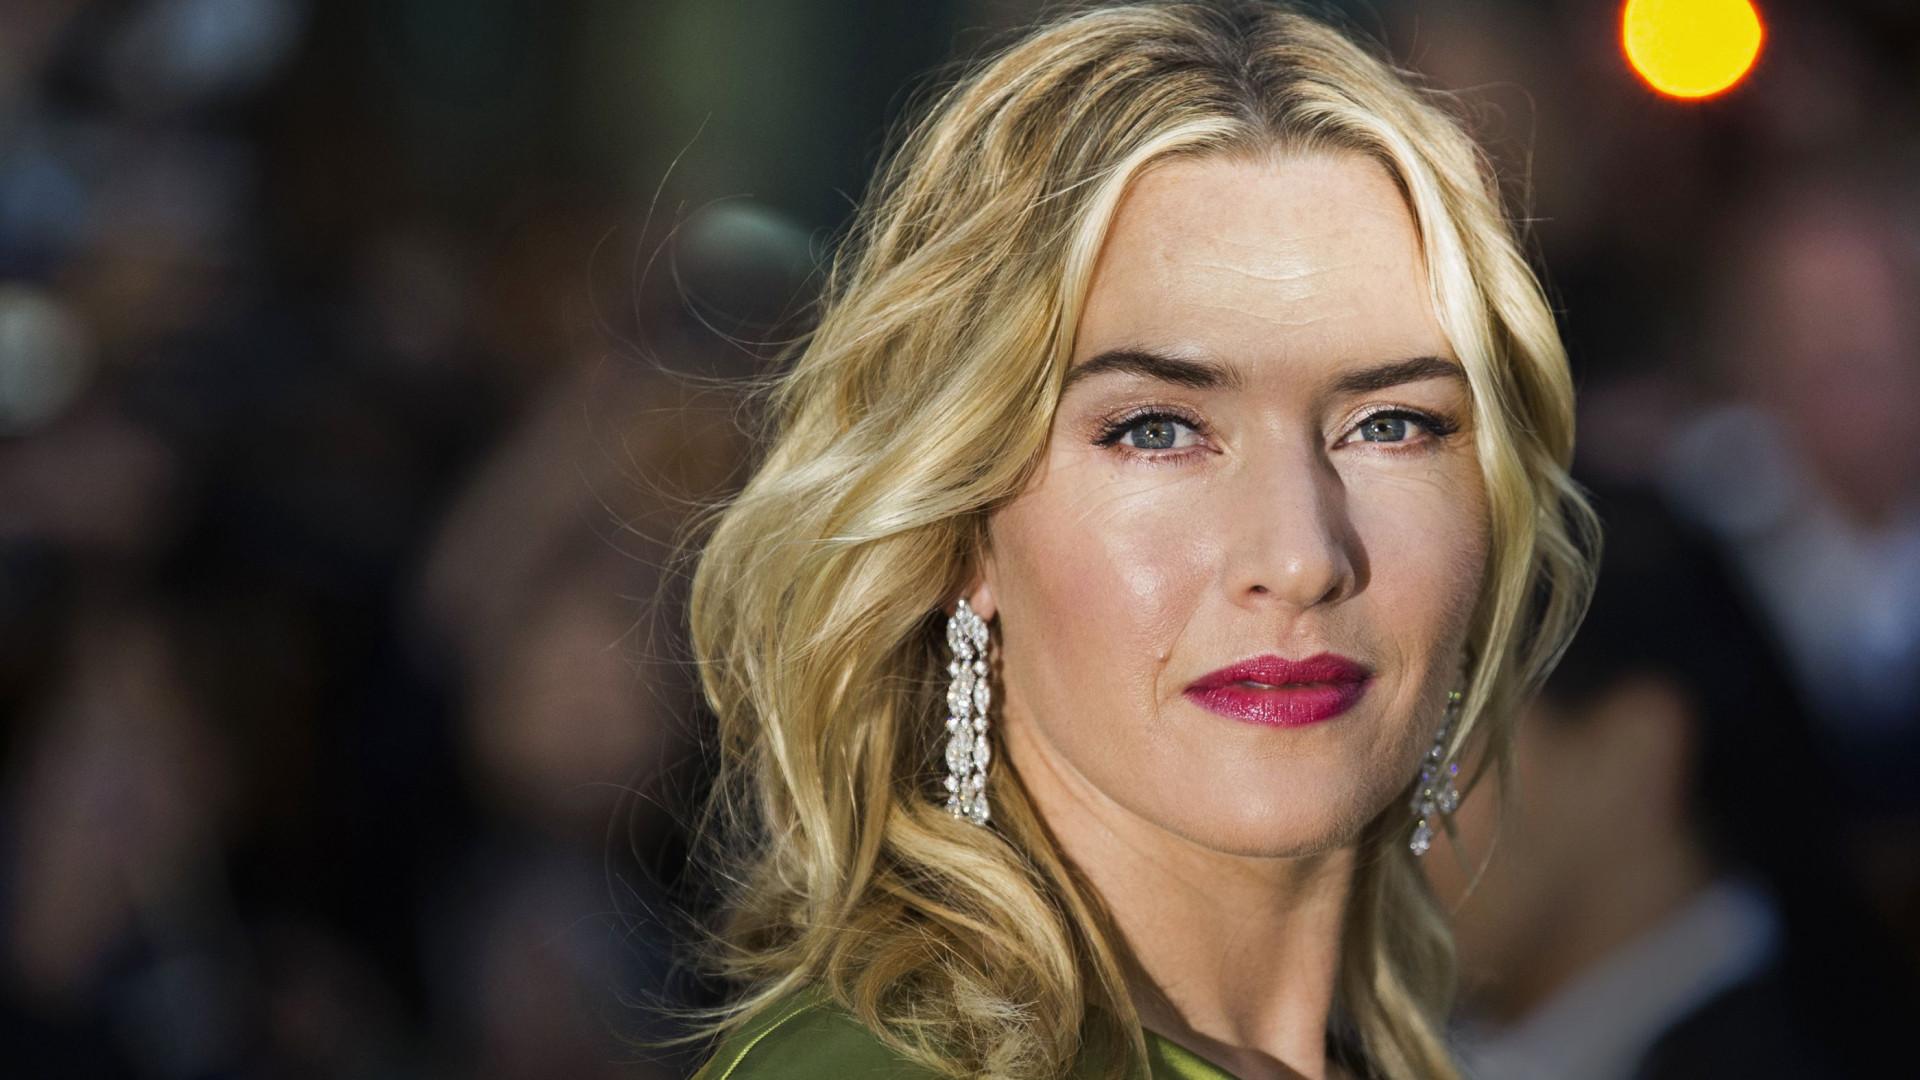 Por que jovens como Kate Winslet sofrem  com incontinência urinária?